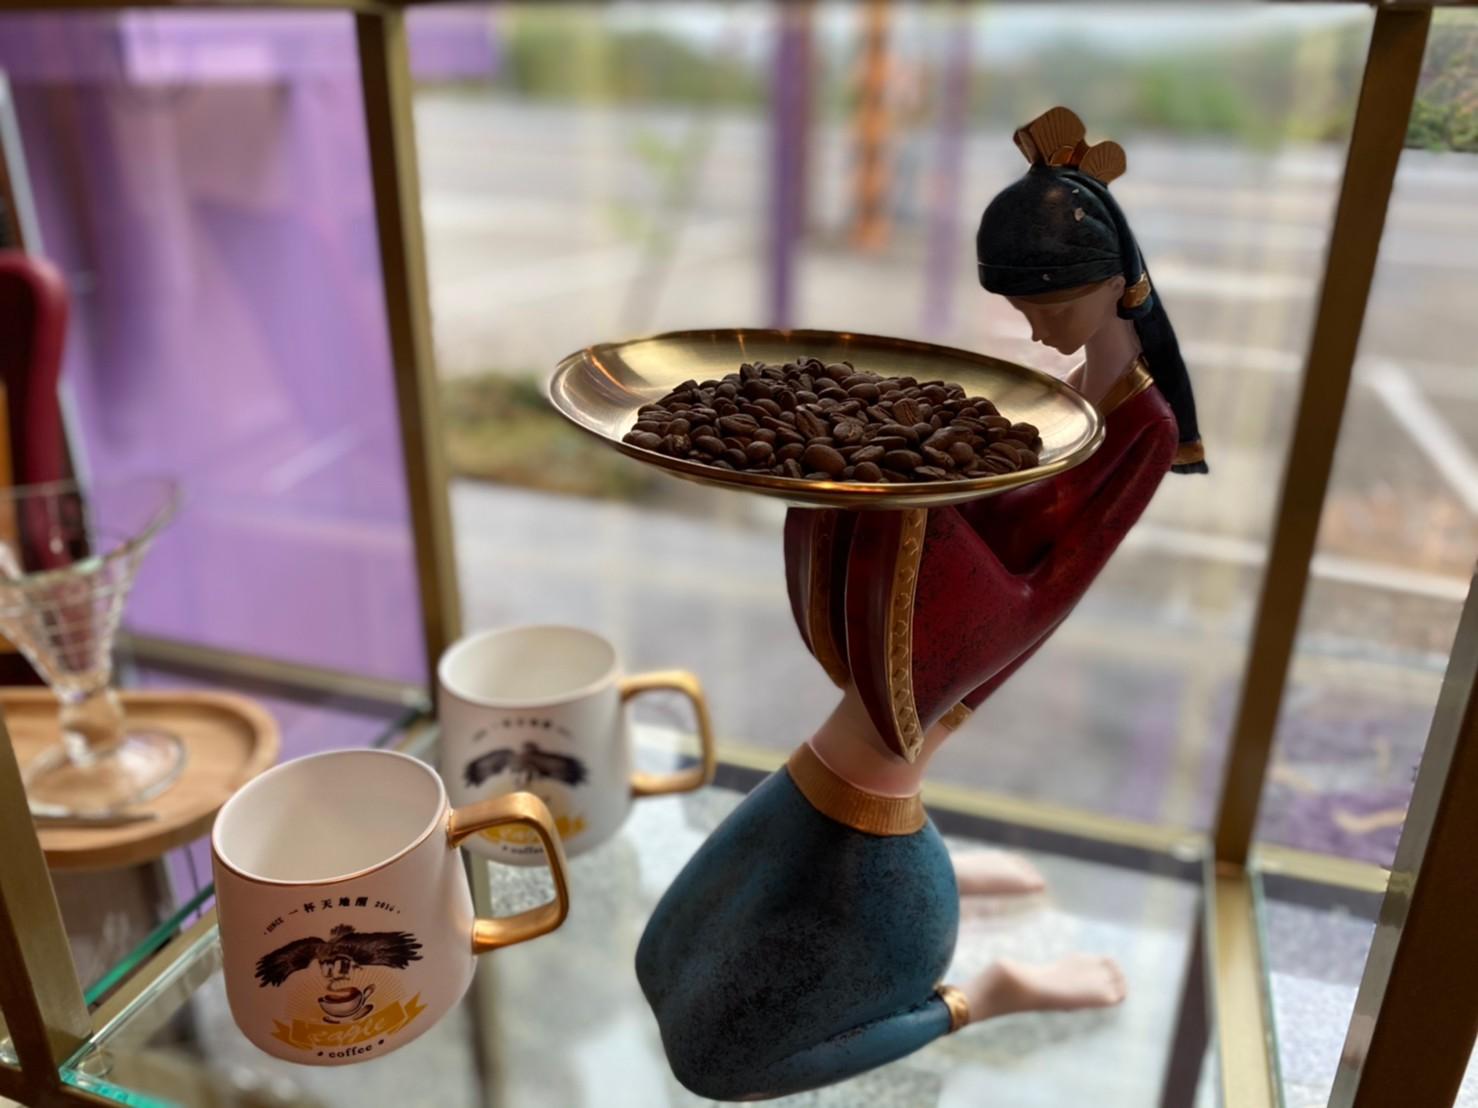 精選咖啡2.0